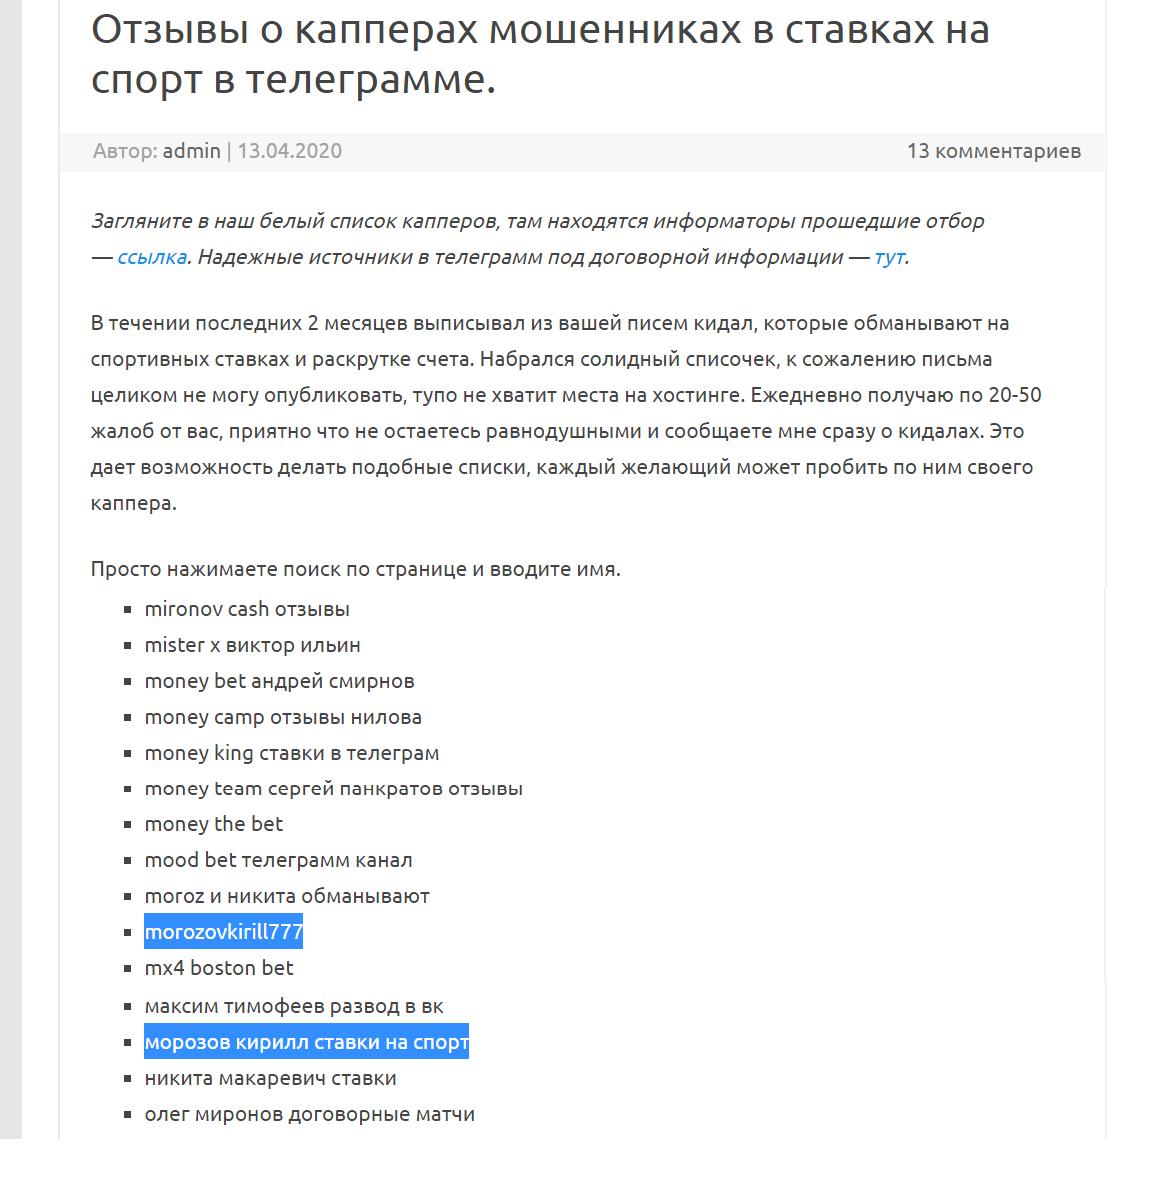 Аккаунт «Инстаграма» по ссылке morozovkirill777 каппер использует как рекламную страницу